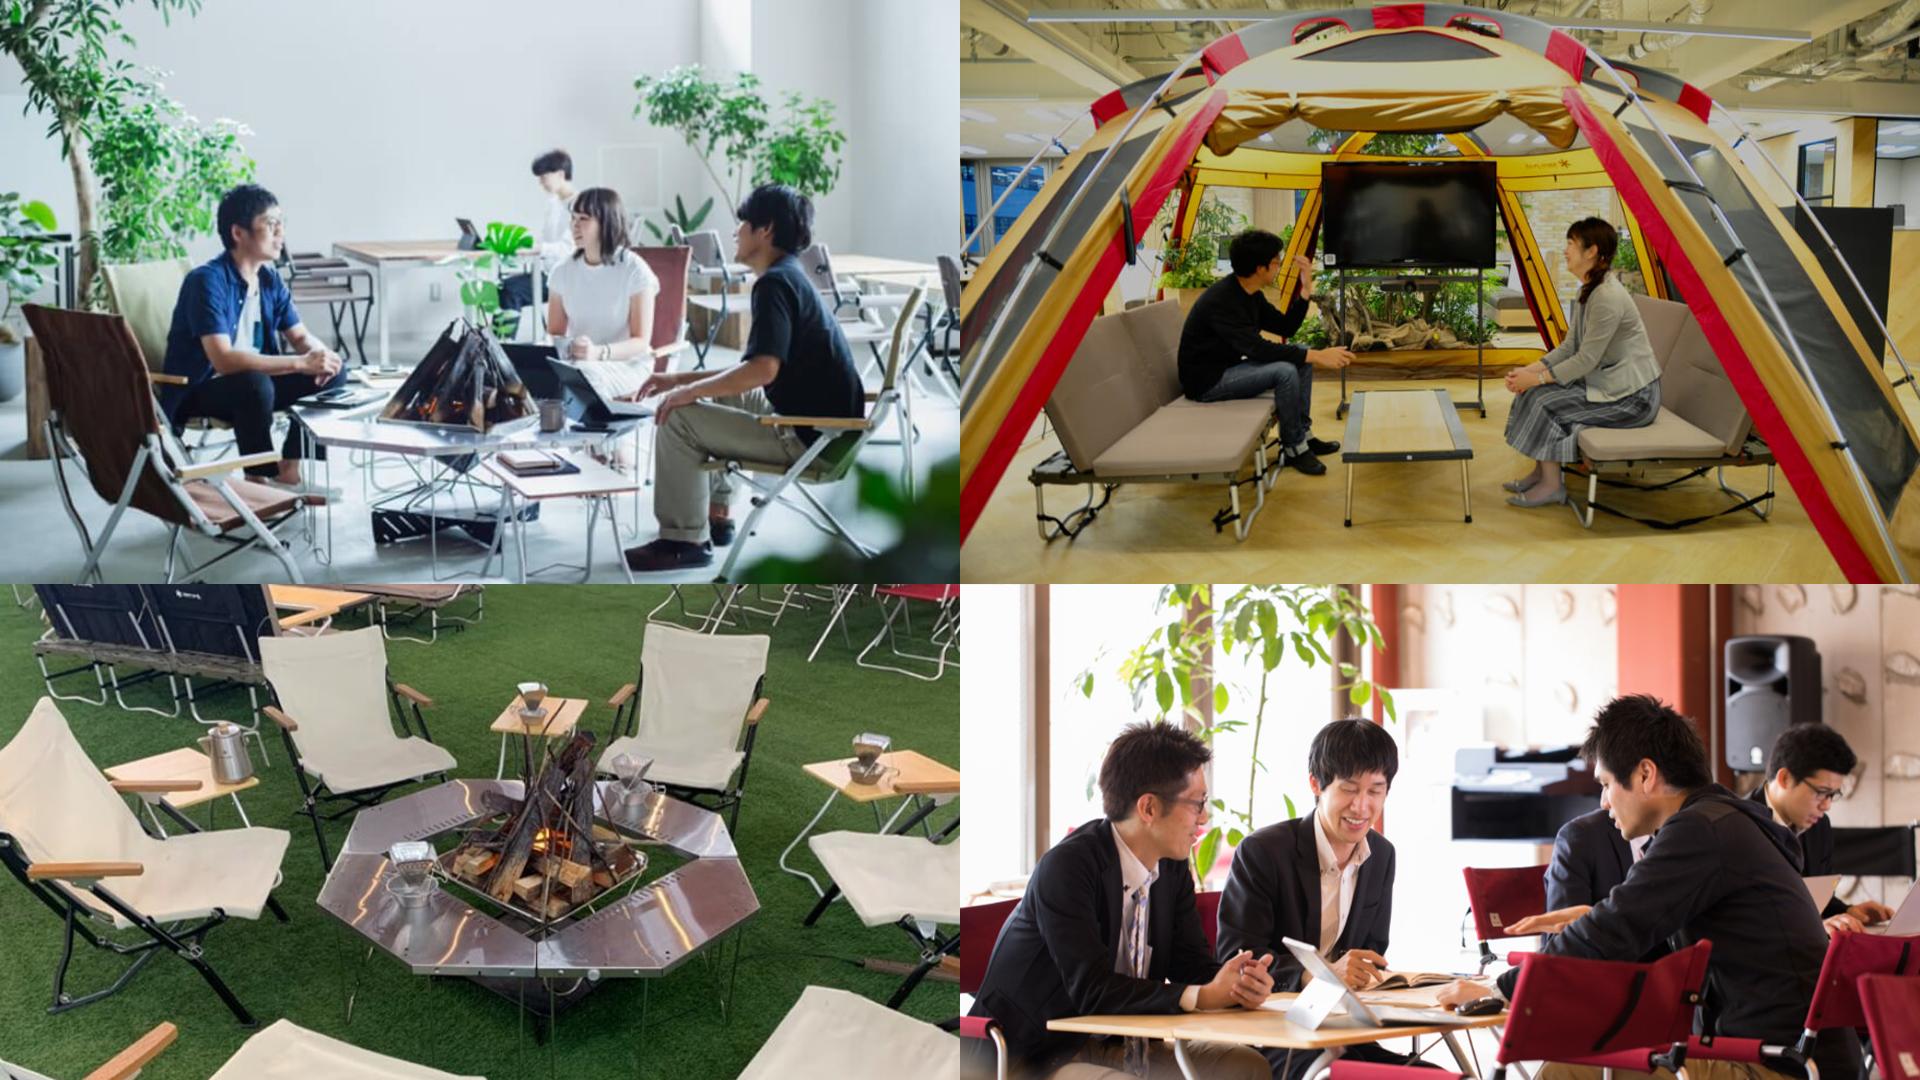 スノーピークを使ったキャンピングオフィスで商談やミーティングをしている画像。